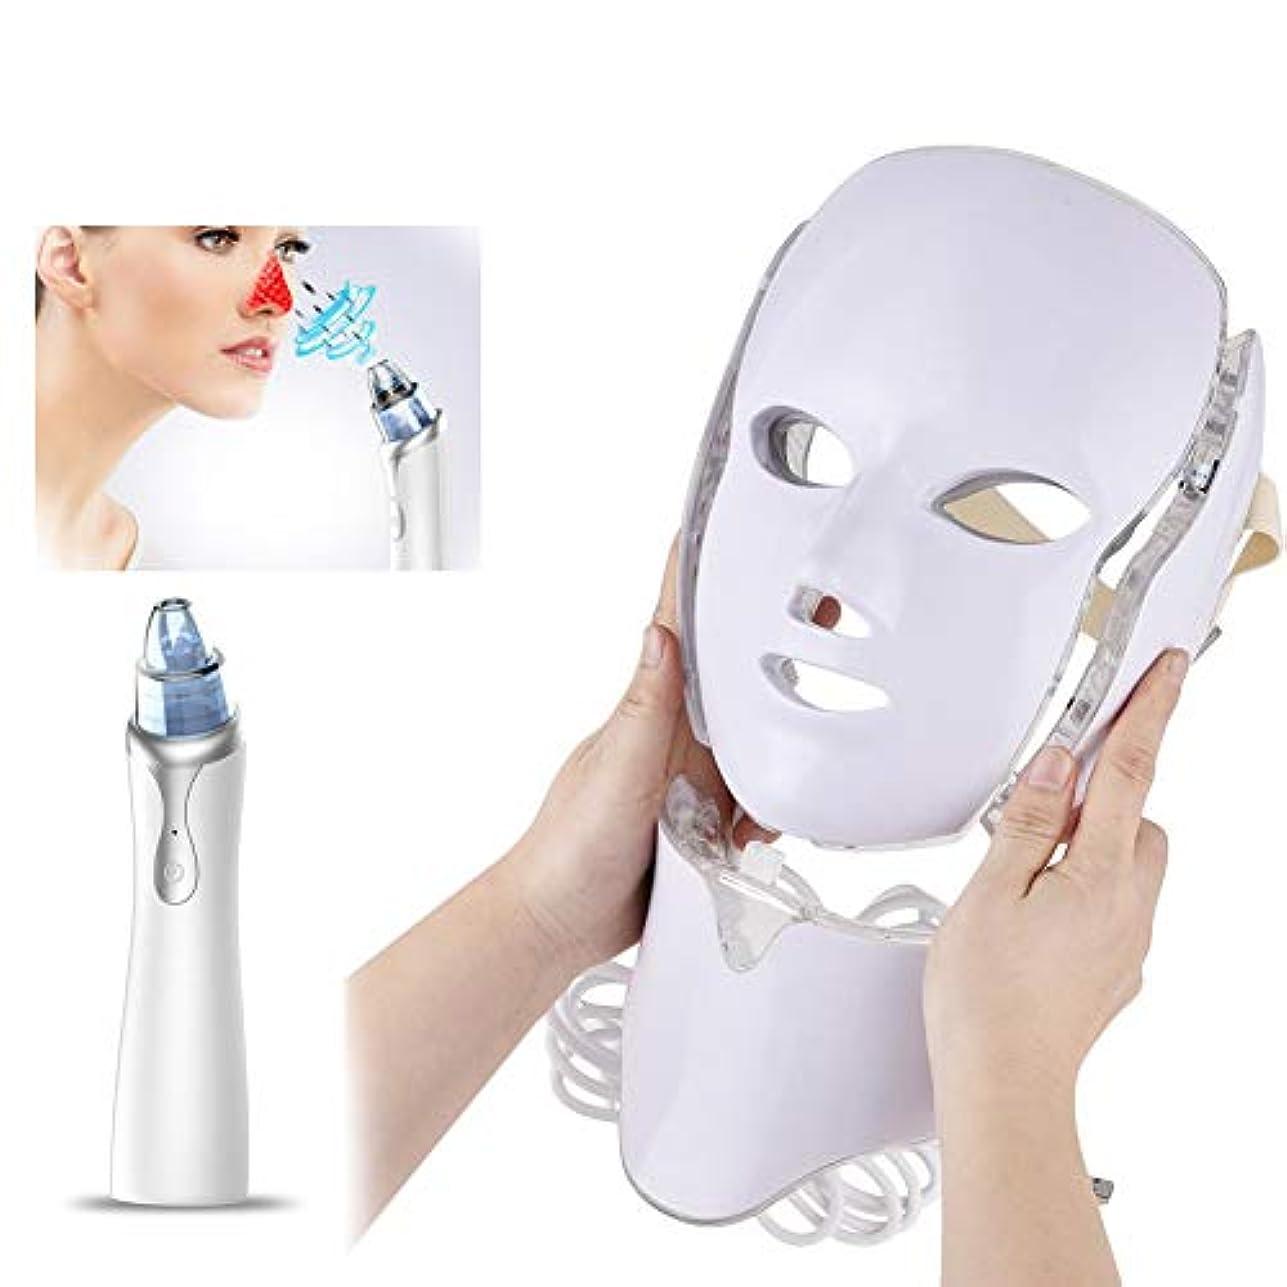 ピカソ行う権限を与えるアンチエイジングフォトンライトスキンリジュビネーションフェイシャルケア用美容マスクプロLEDライトセラピーマスク(ギフトブラックヘッドインストゥルメント)